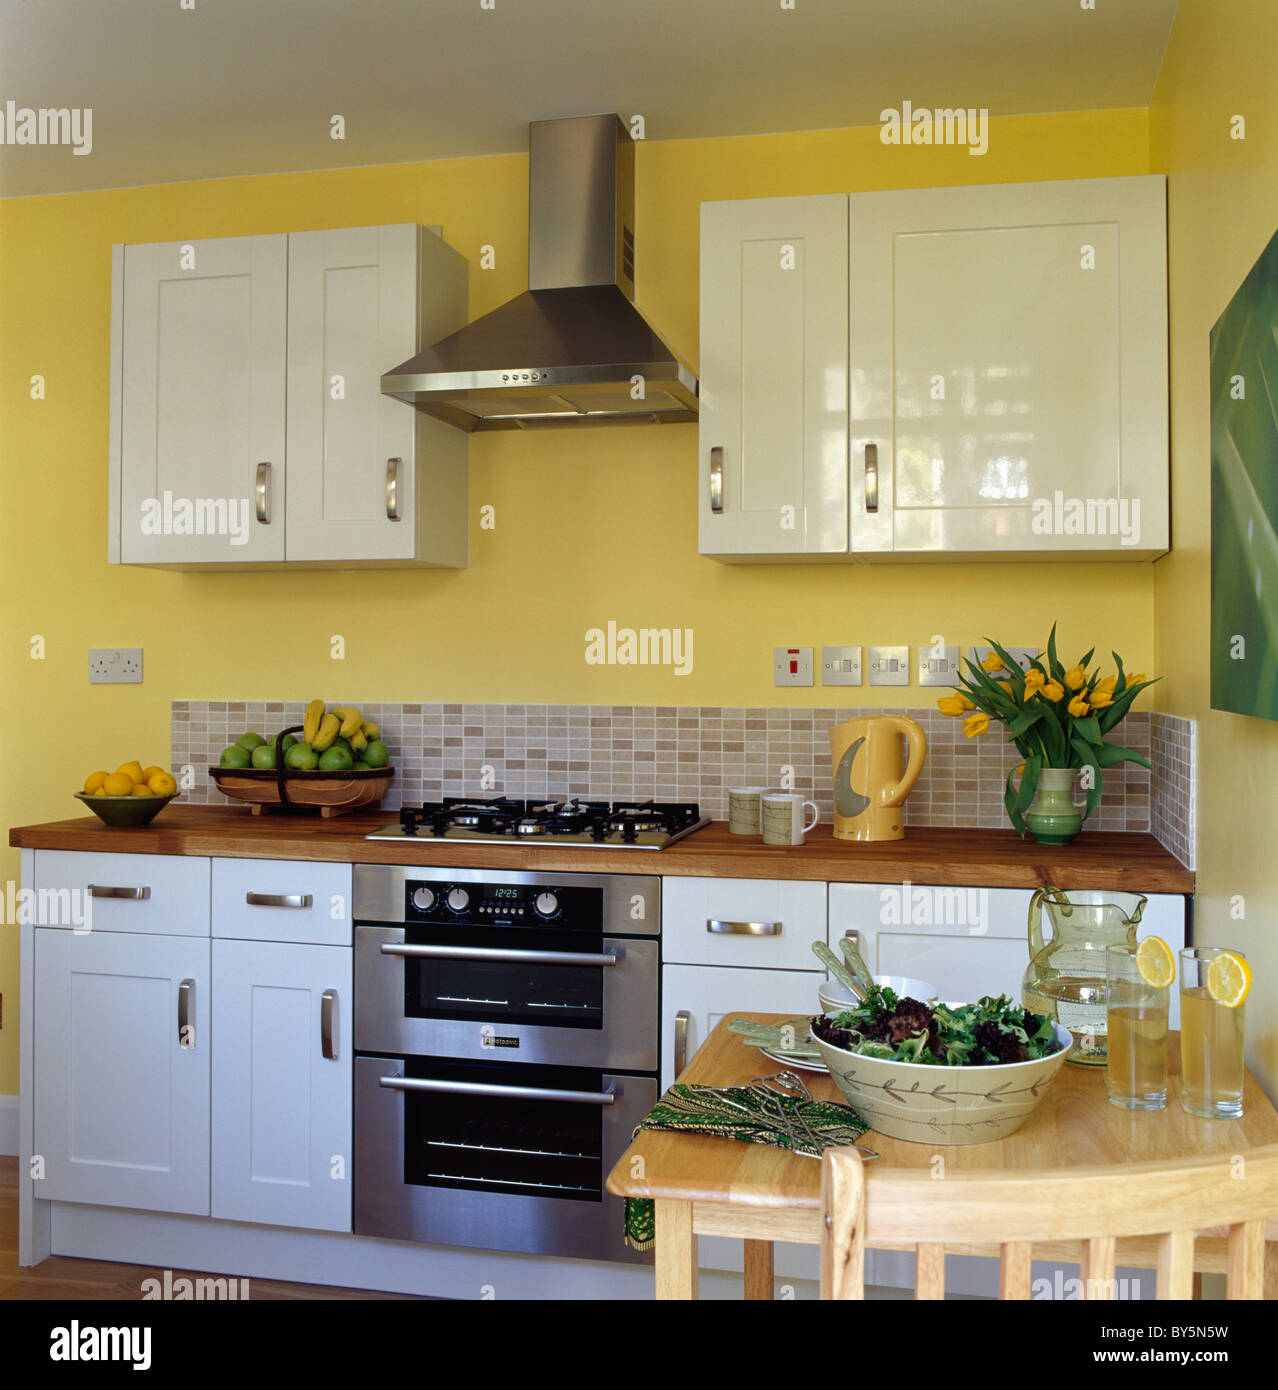 Erstaunlich Edelstahl Abzugshaube über Dem Ofen In Modernb Gelbe Küche Mit Weißen  Montierten Einheiten Und Schränke